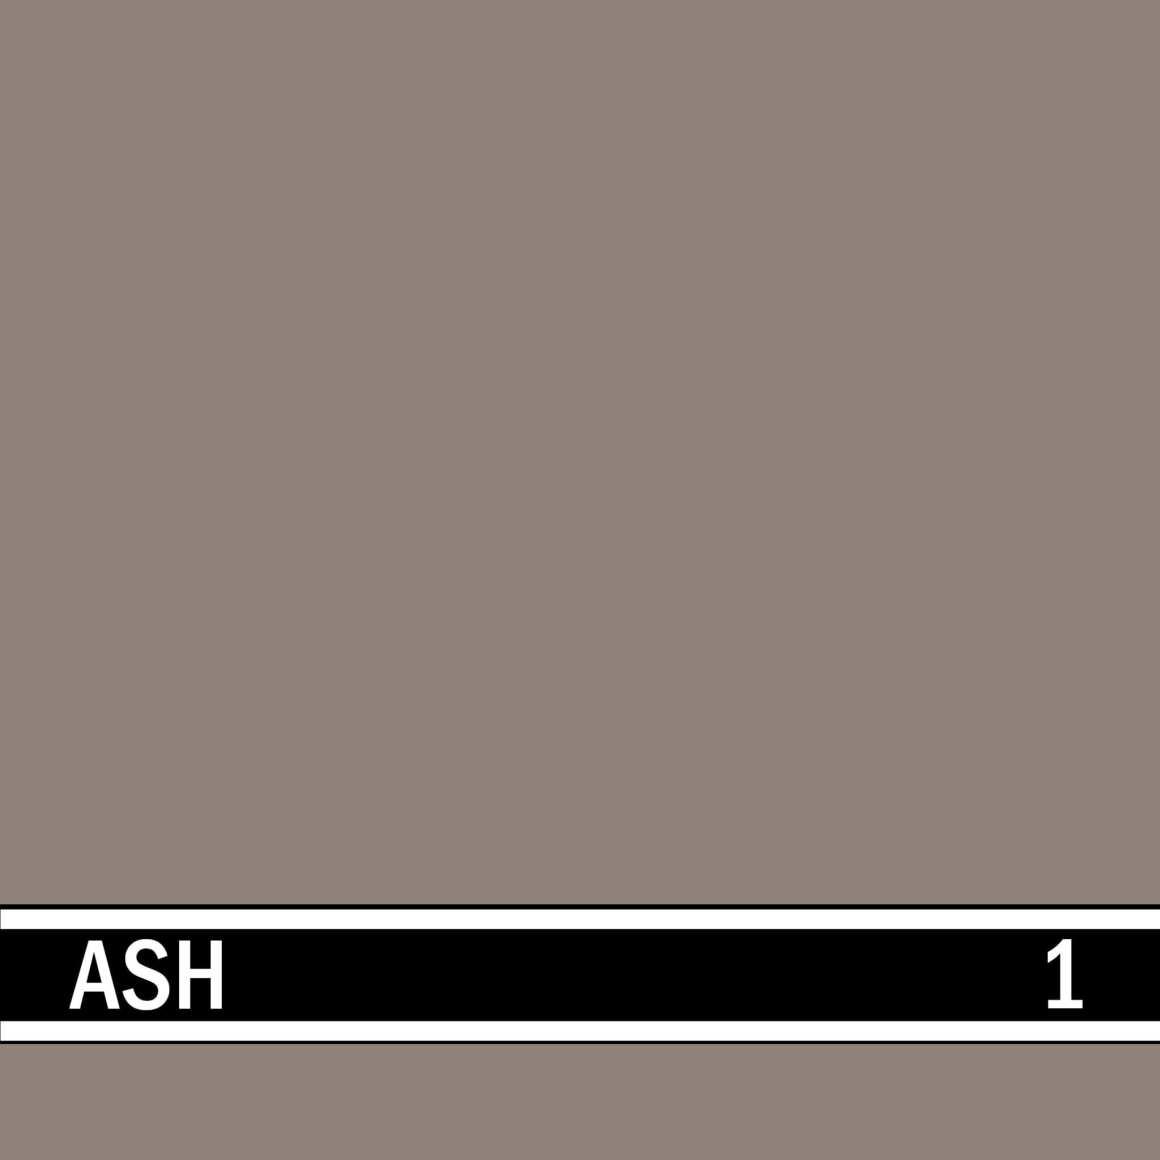 Ash integral concrete color for stamped concrete and decorative colored concrete